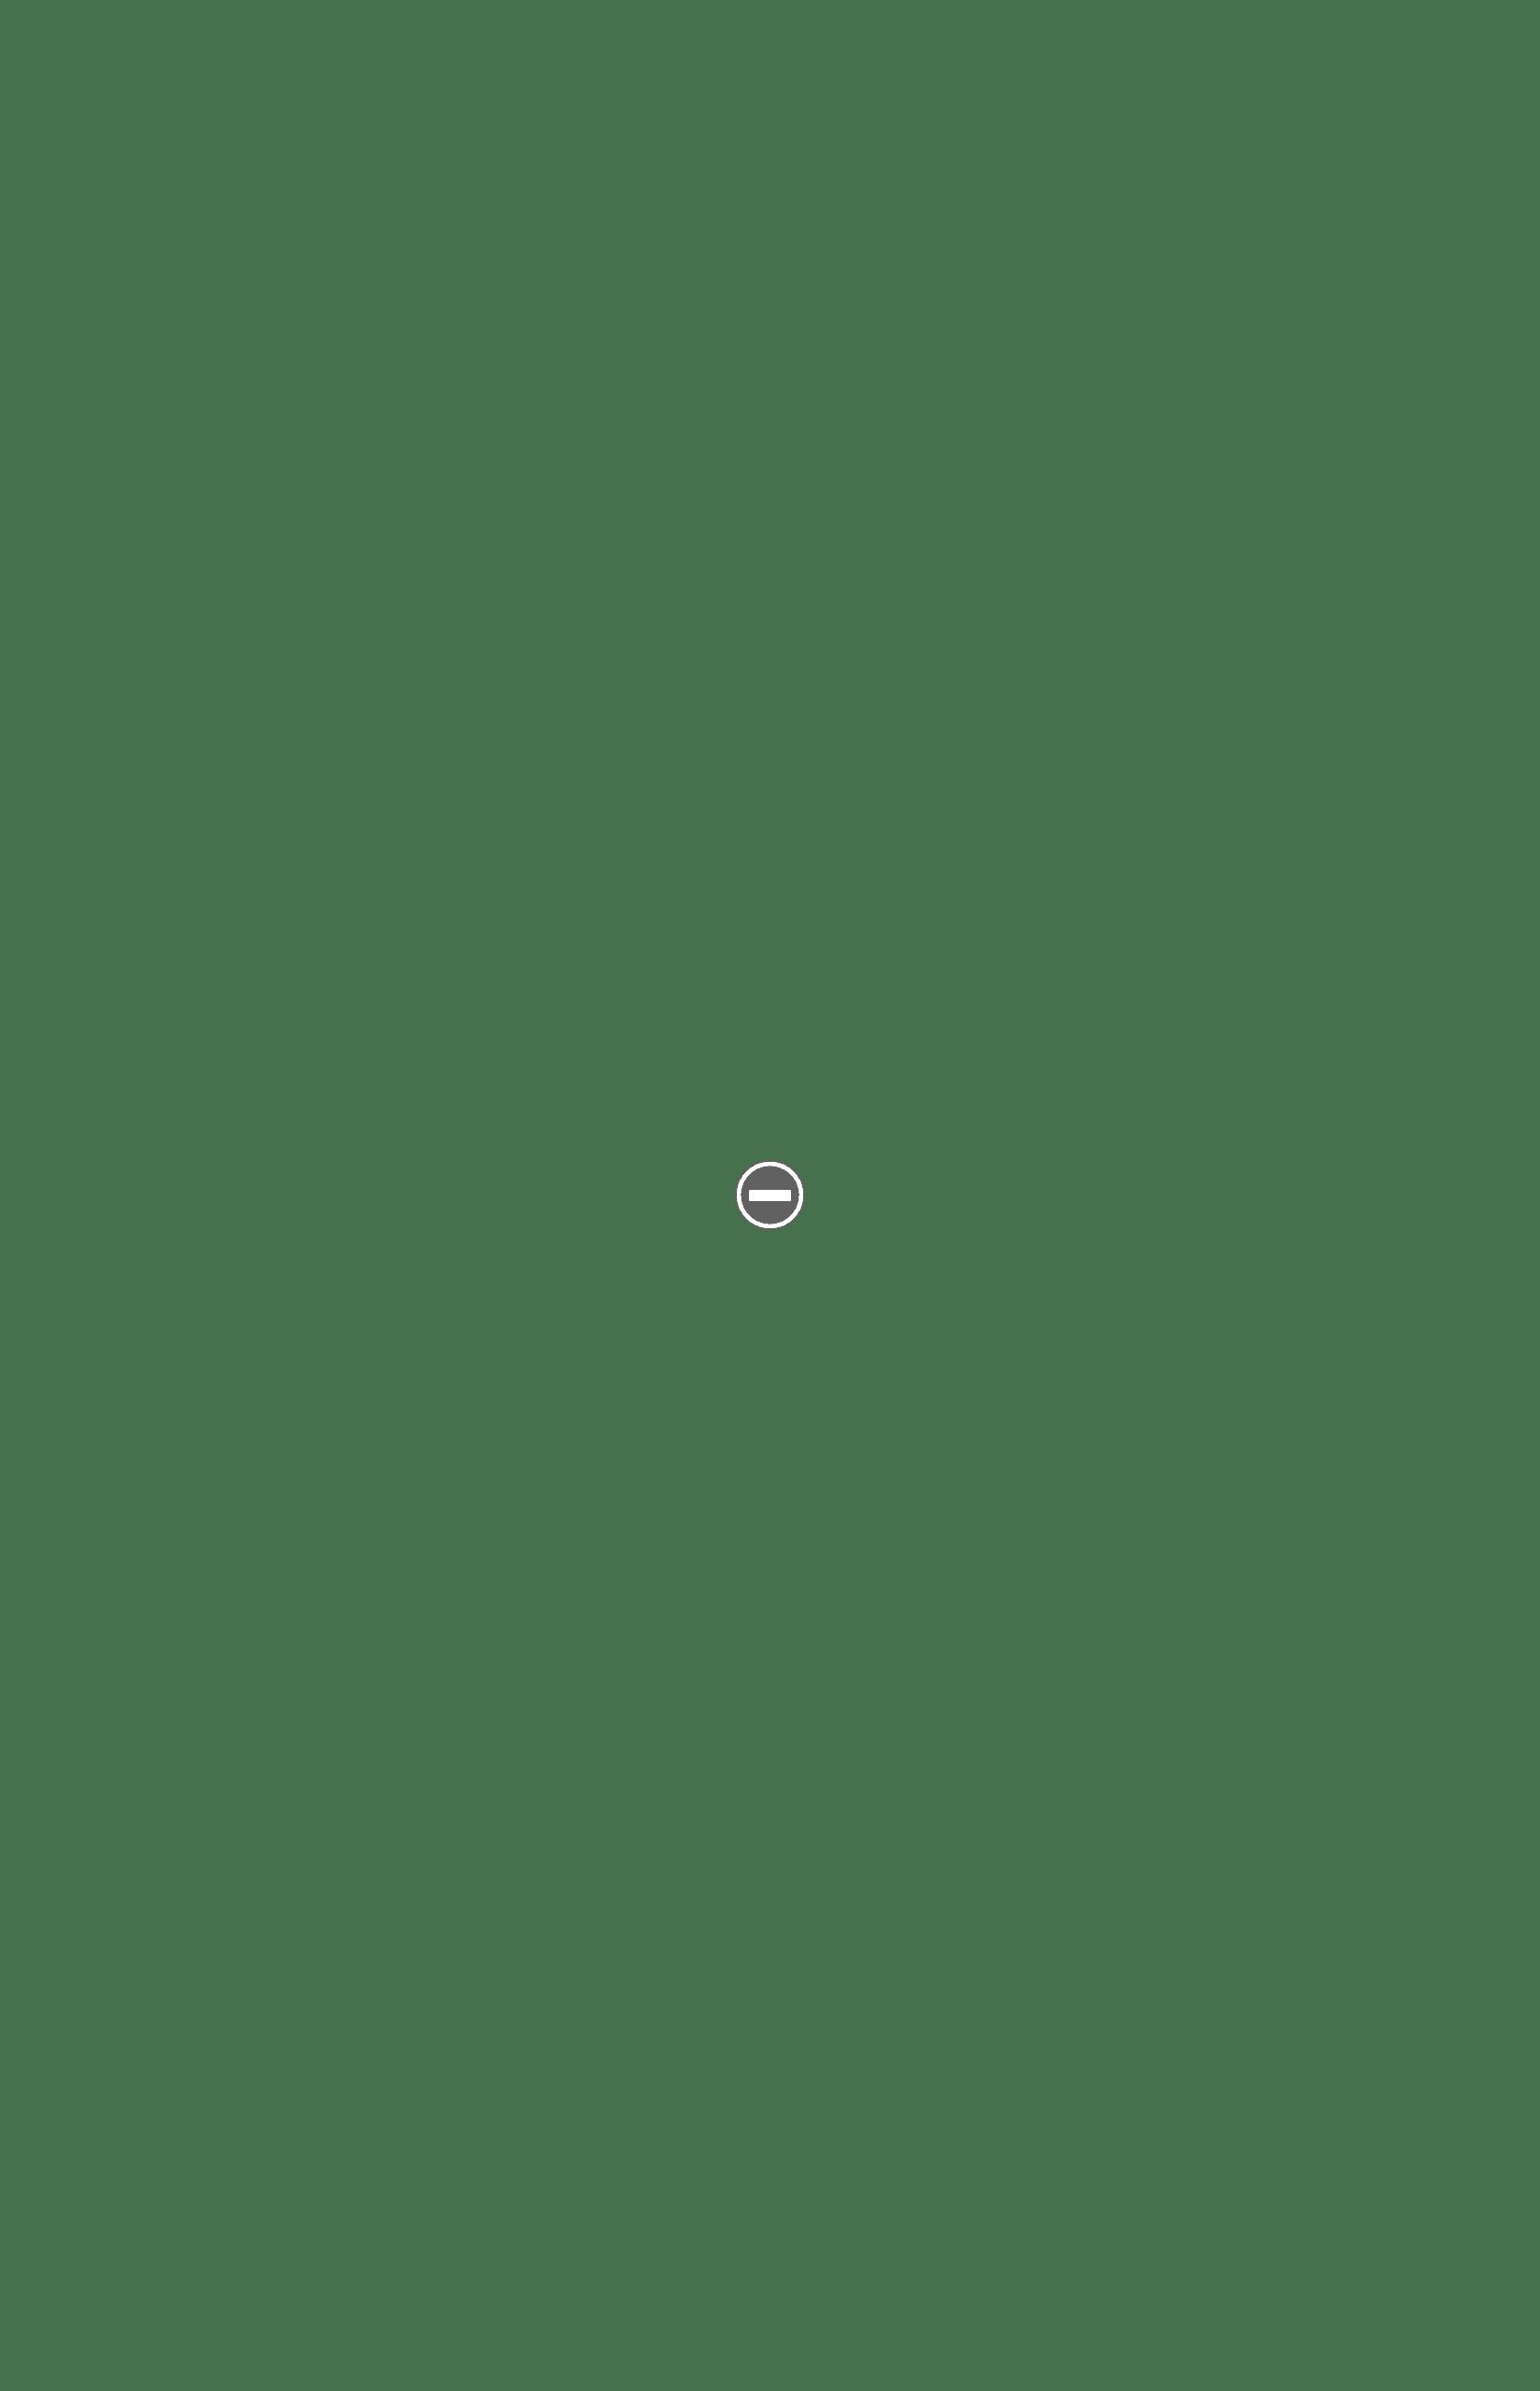 Avengers & X-Men: Axis (2015) - komplett